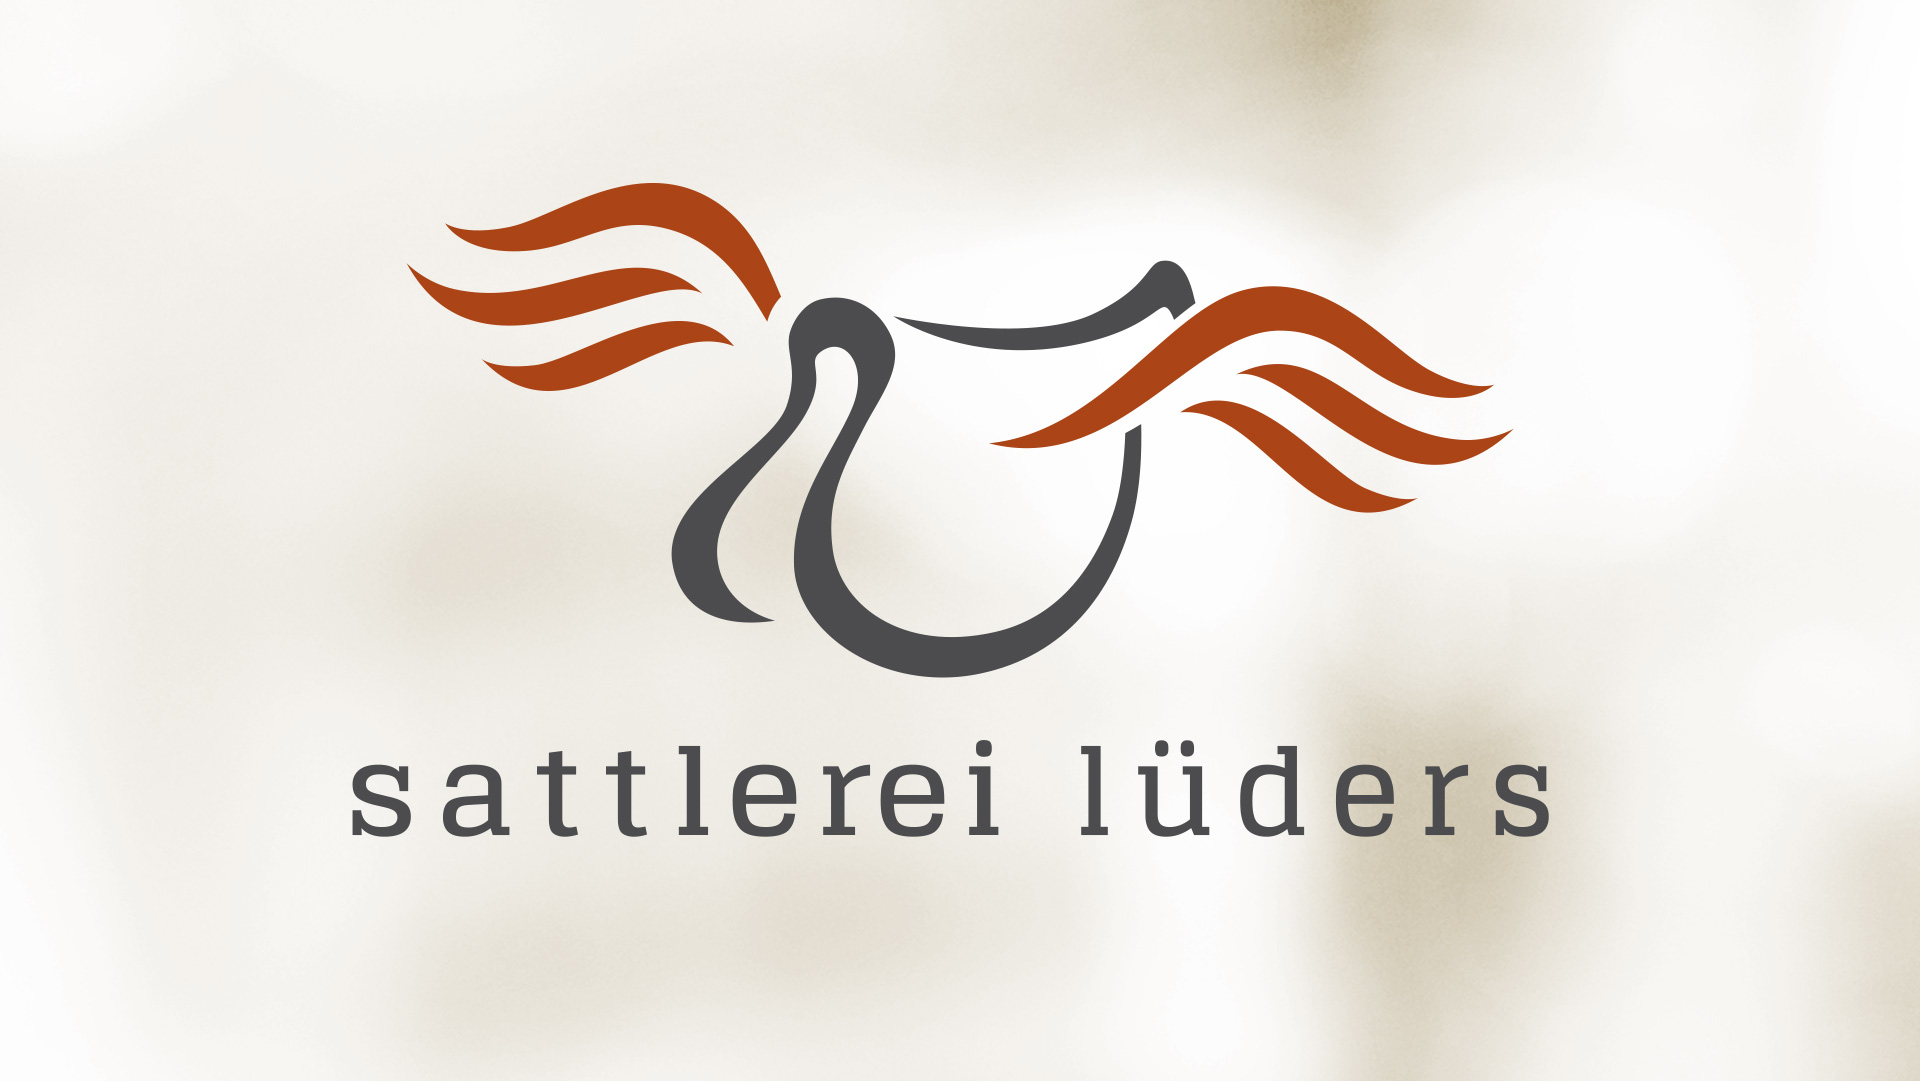 Logo Sattlerei Lüders - ein grauer Sattel mit rostfarbenen Flügelschwingen auf beigem Hintergund